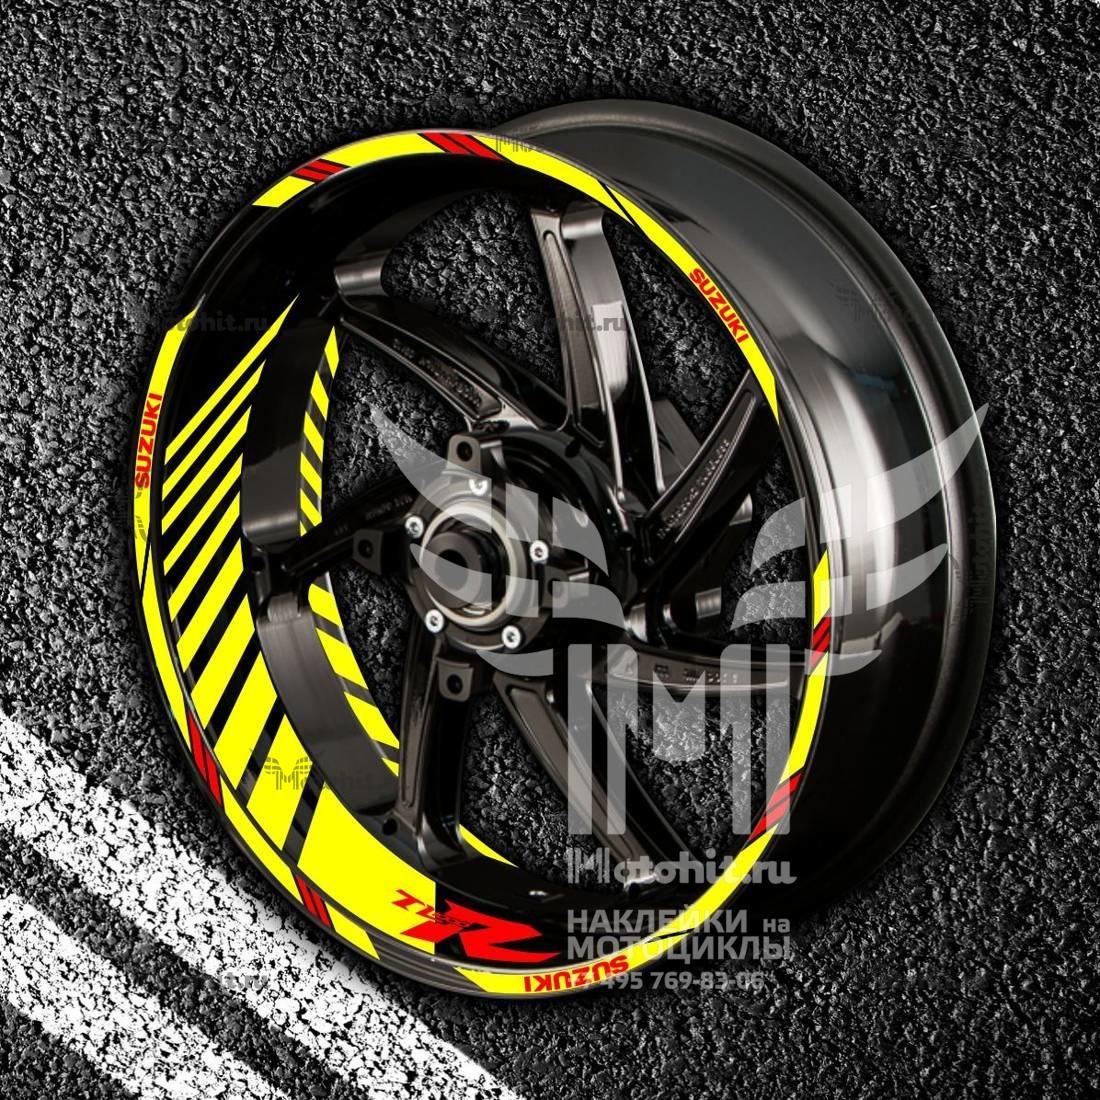 Комплект наклеек с полосами на колеса мотоцикла SUZUKI TL-1000-R